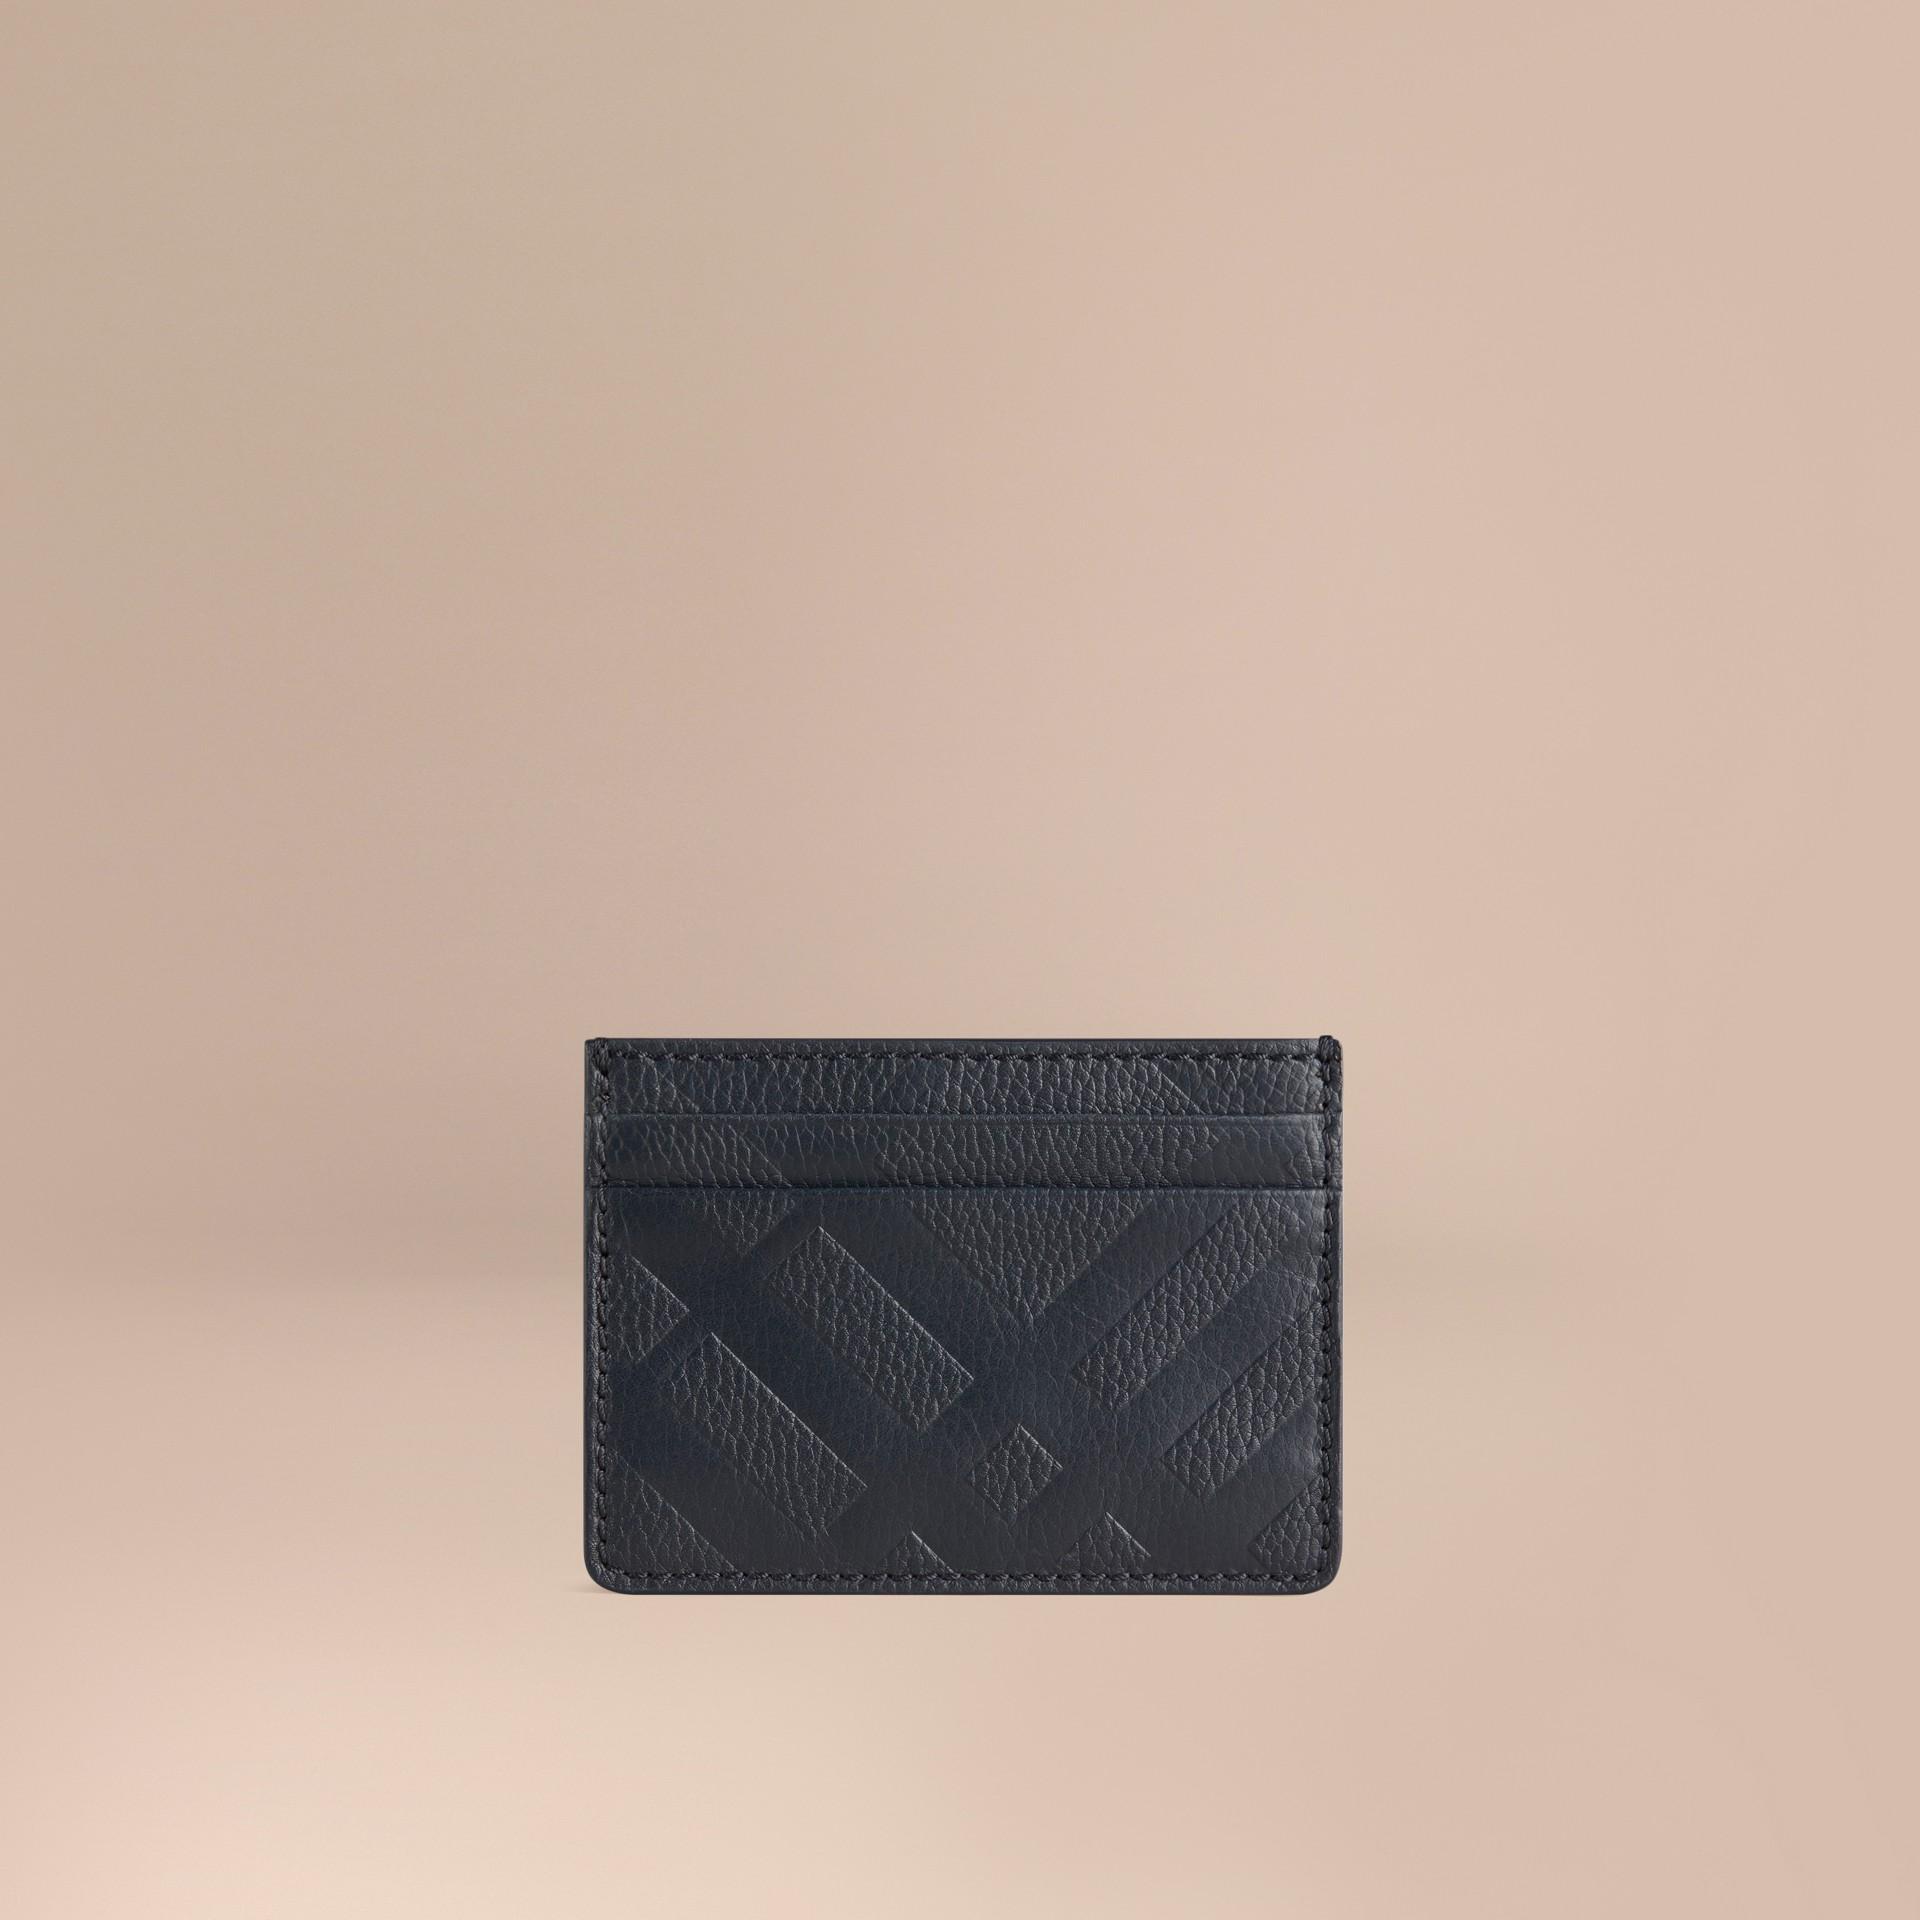 Bleu étain sombre Porte-cartes en cuir à motif check estampé Bleu Étain Sombre - photo de la galerie 1